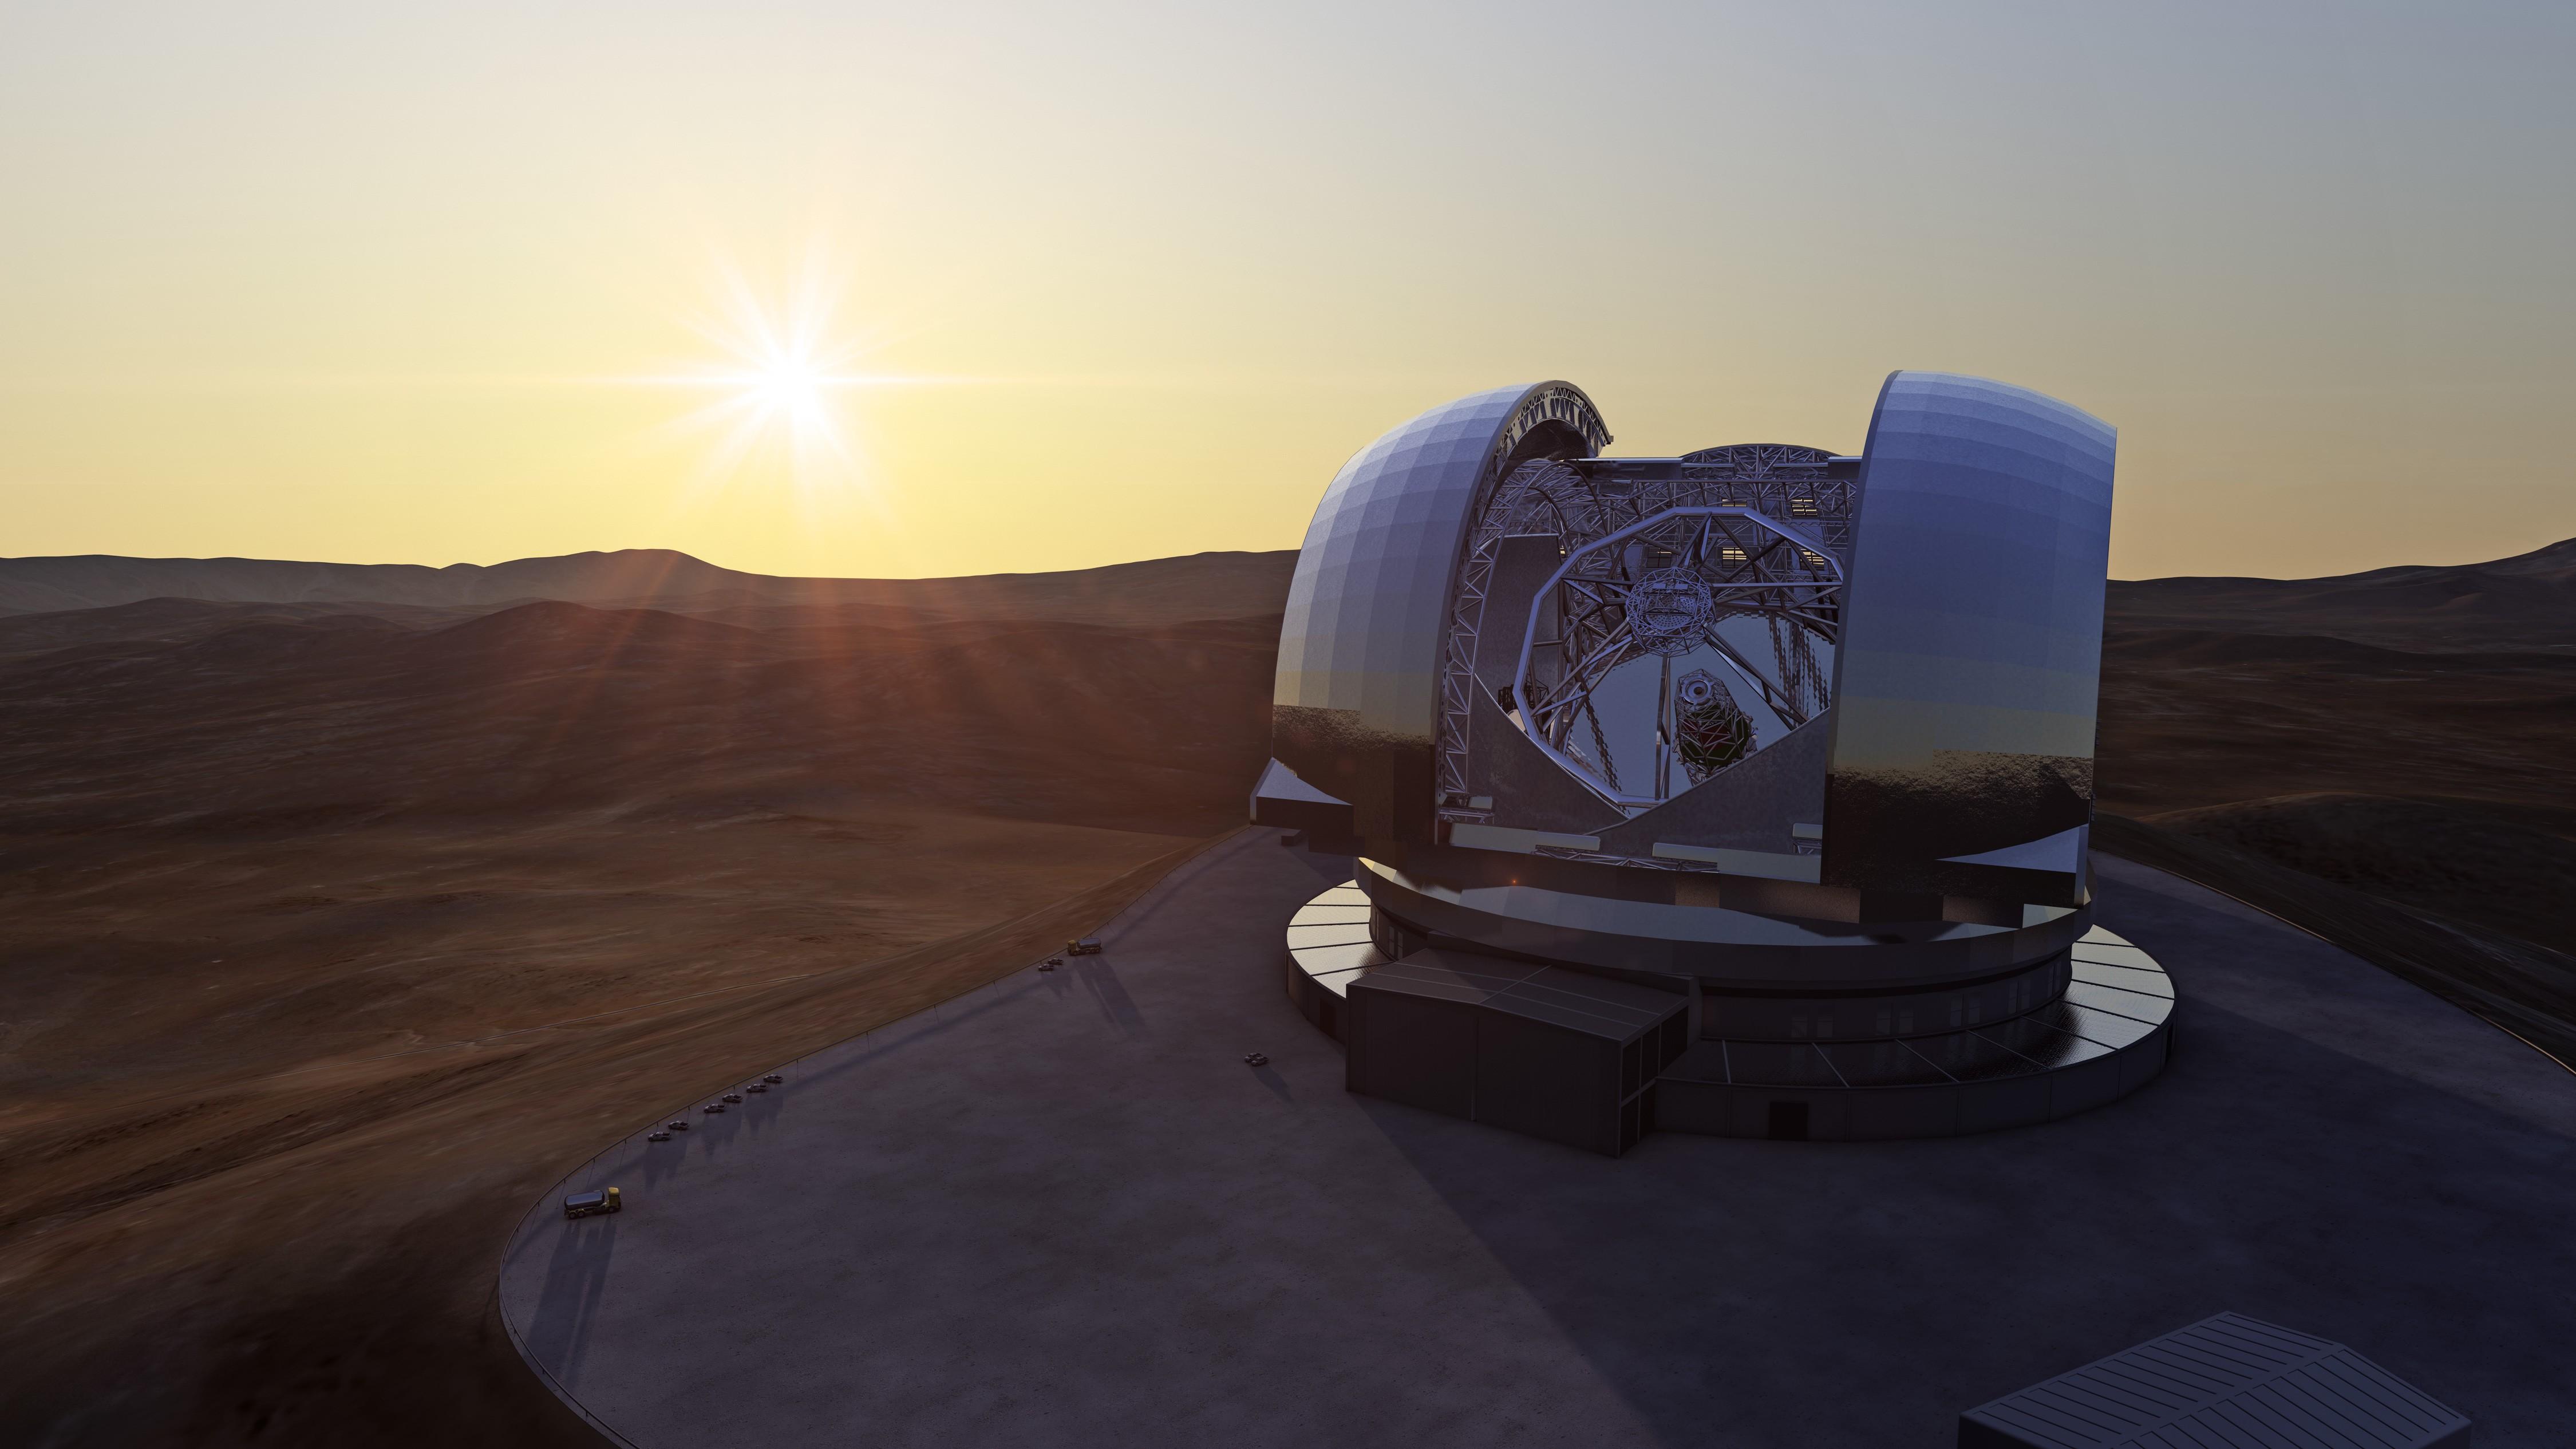 Concepção artística do E-ELT: maior telescópio da história deve ficar pronto em uma década (Foto: ESO/L. Calçada)